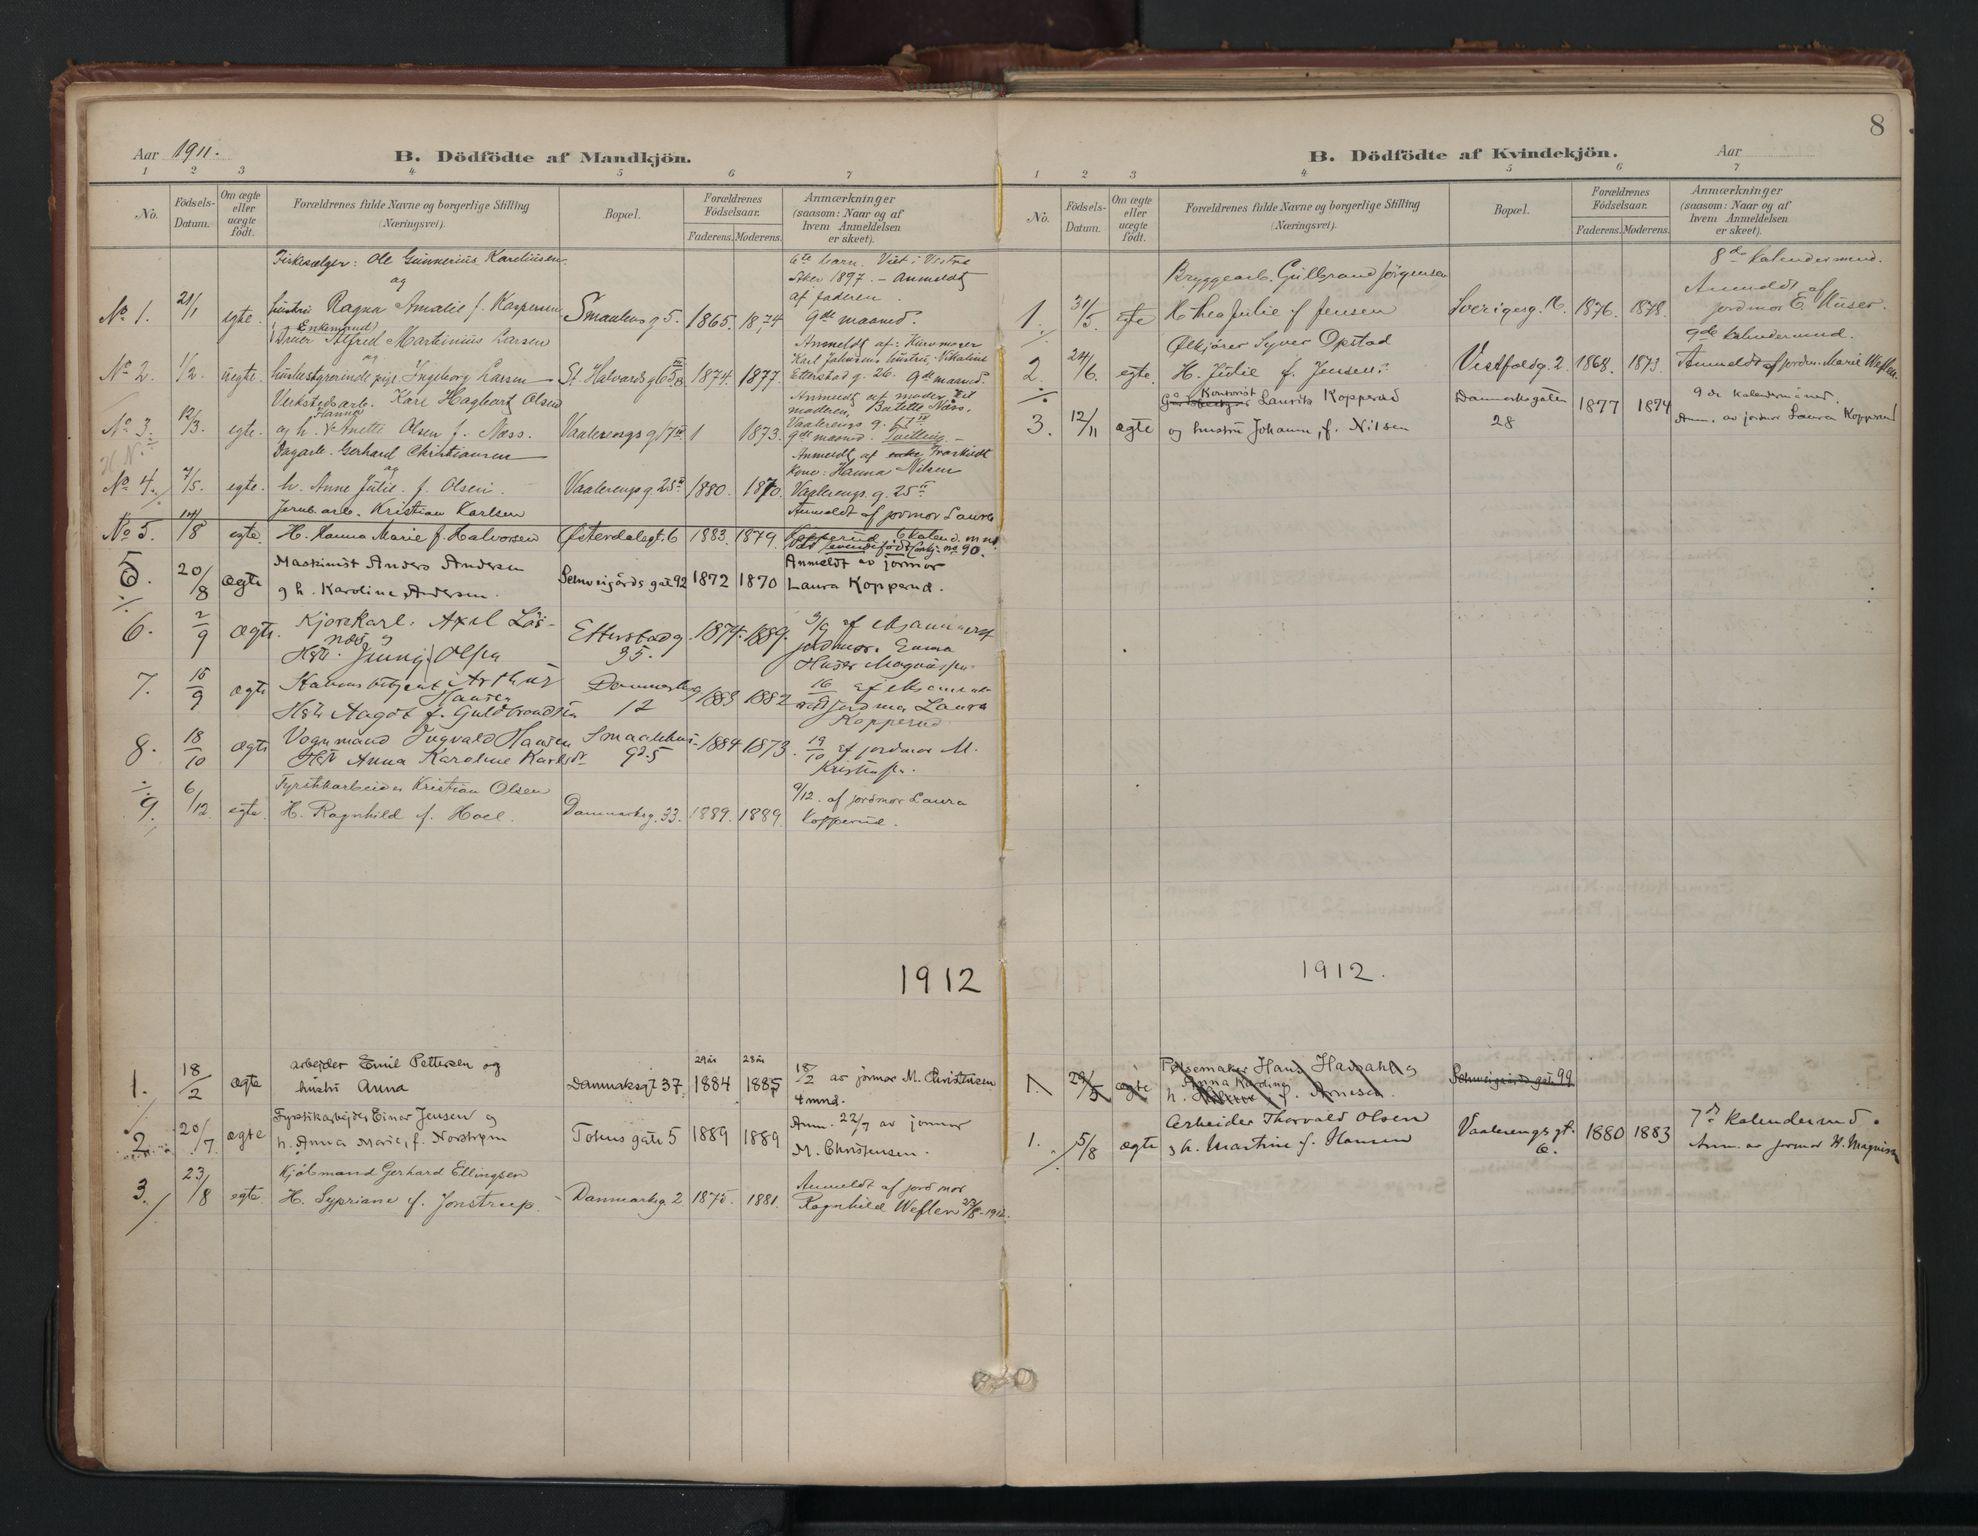 SAO, Vålerengen prestekontor Kirkebøker, F/Fa/L0003: Ministerialbok nr. 3, 1899-1930, s. 8